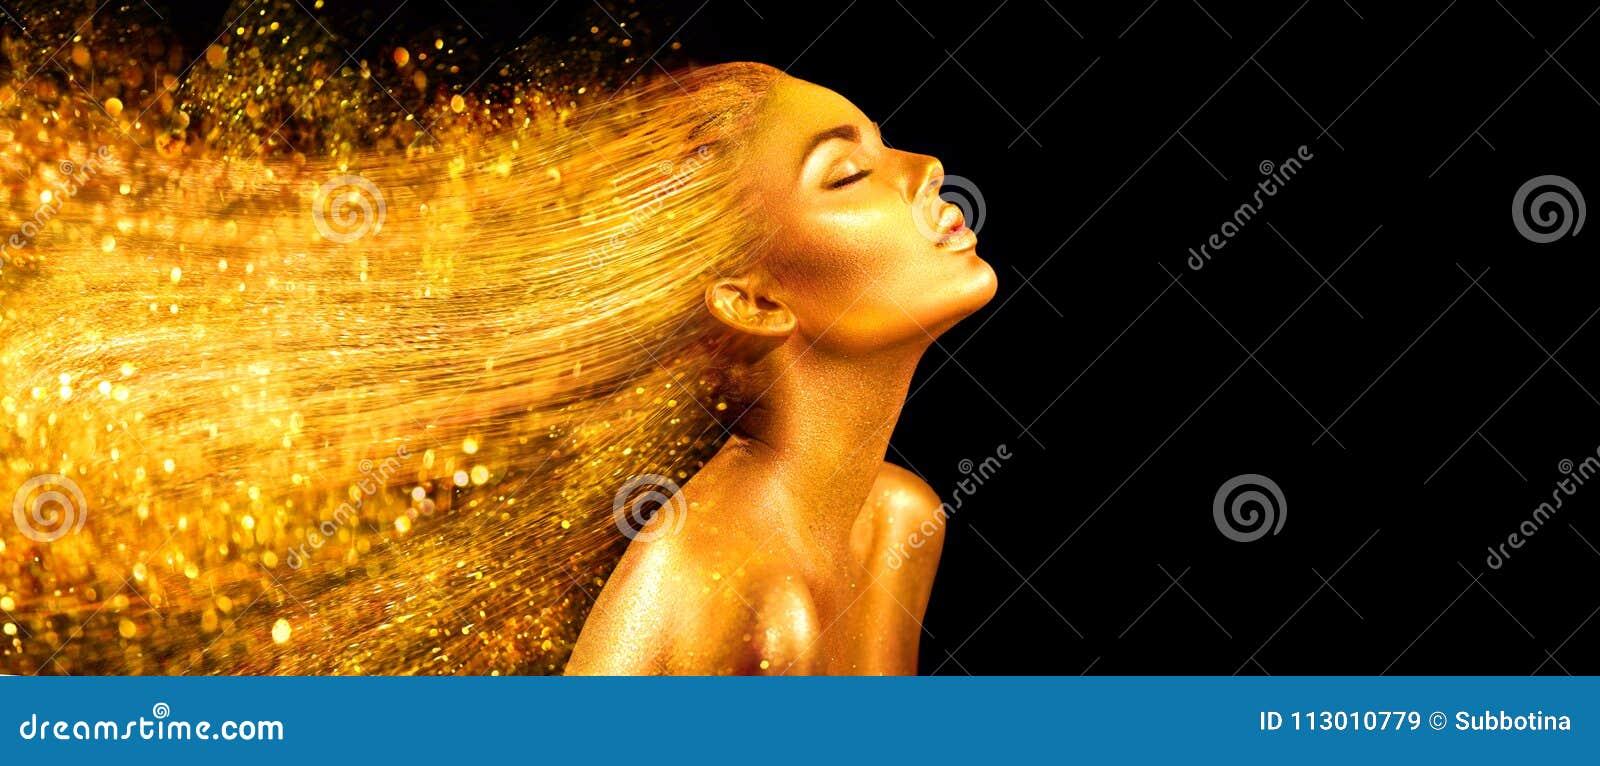 Женщина фотомодели в золотых ярких sparkles Девушка с золотым крупным планом портрета кожи и волос